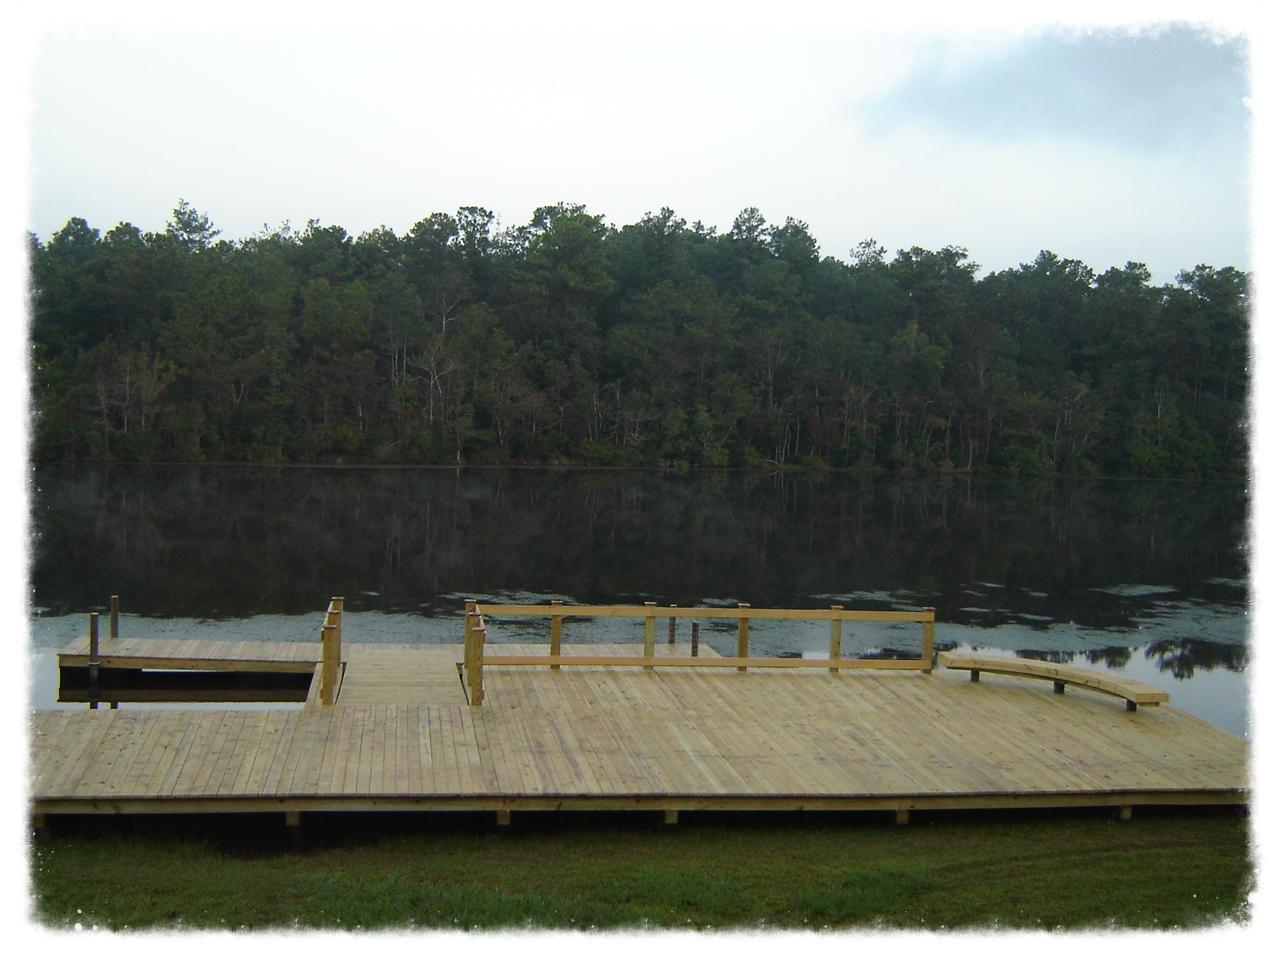 Wood Pier with Boardwalk